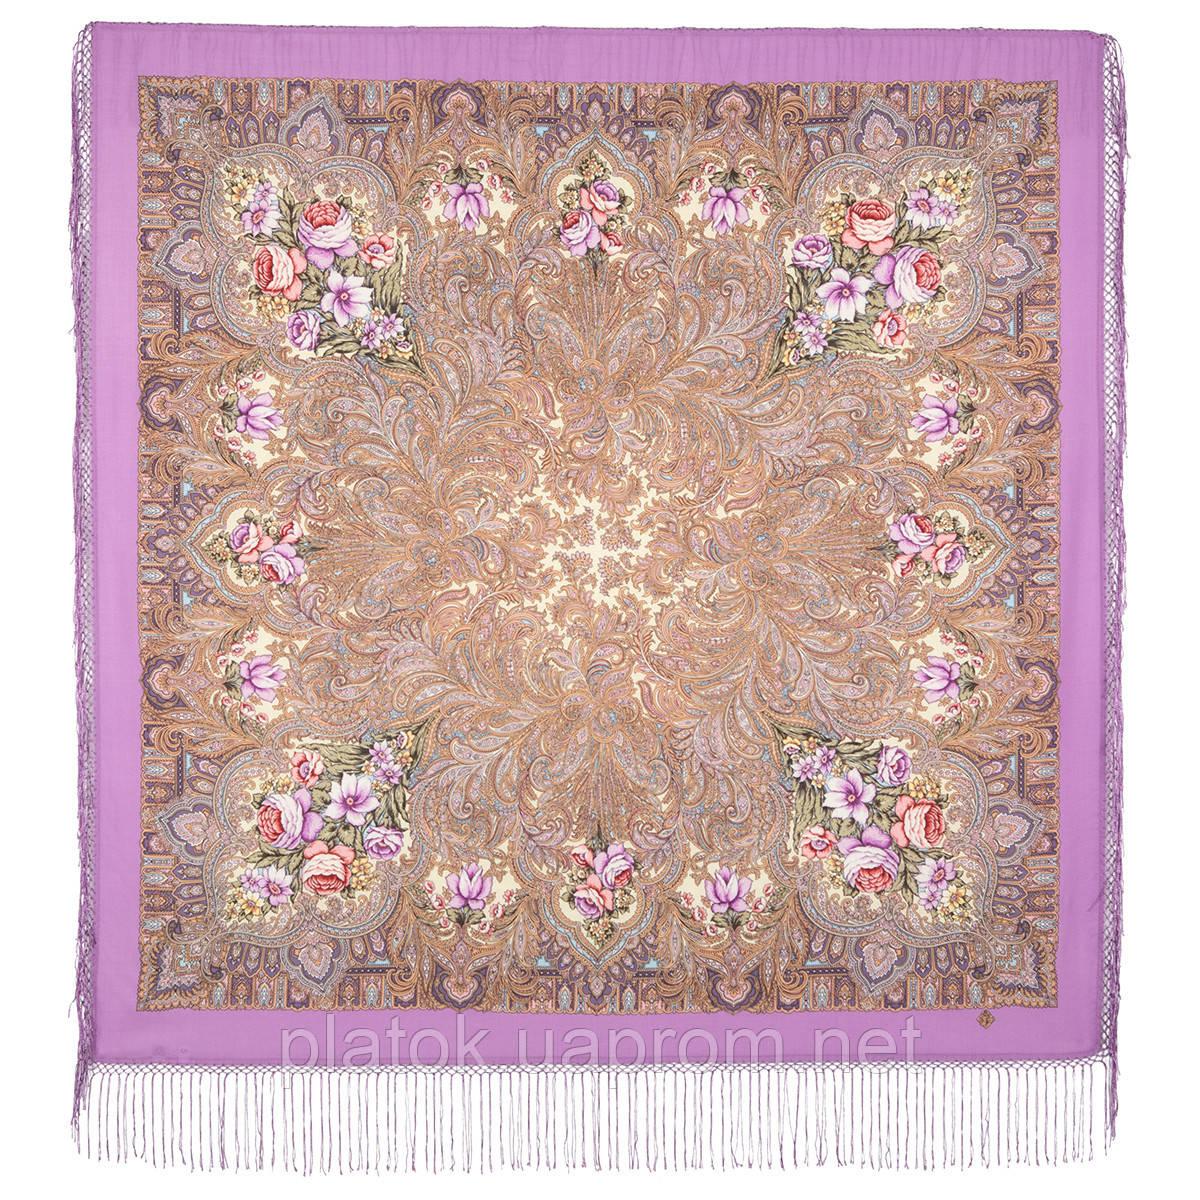 Чародейка Зима 1749-3, павлопосадский платок шерстяной (двуниточная шерсть) с шелковой вязаной бахромой